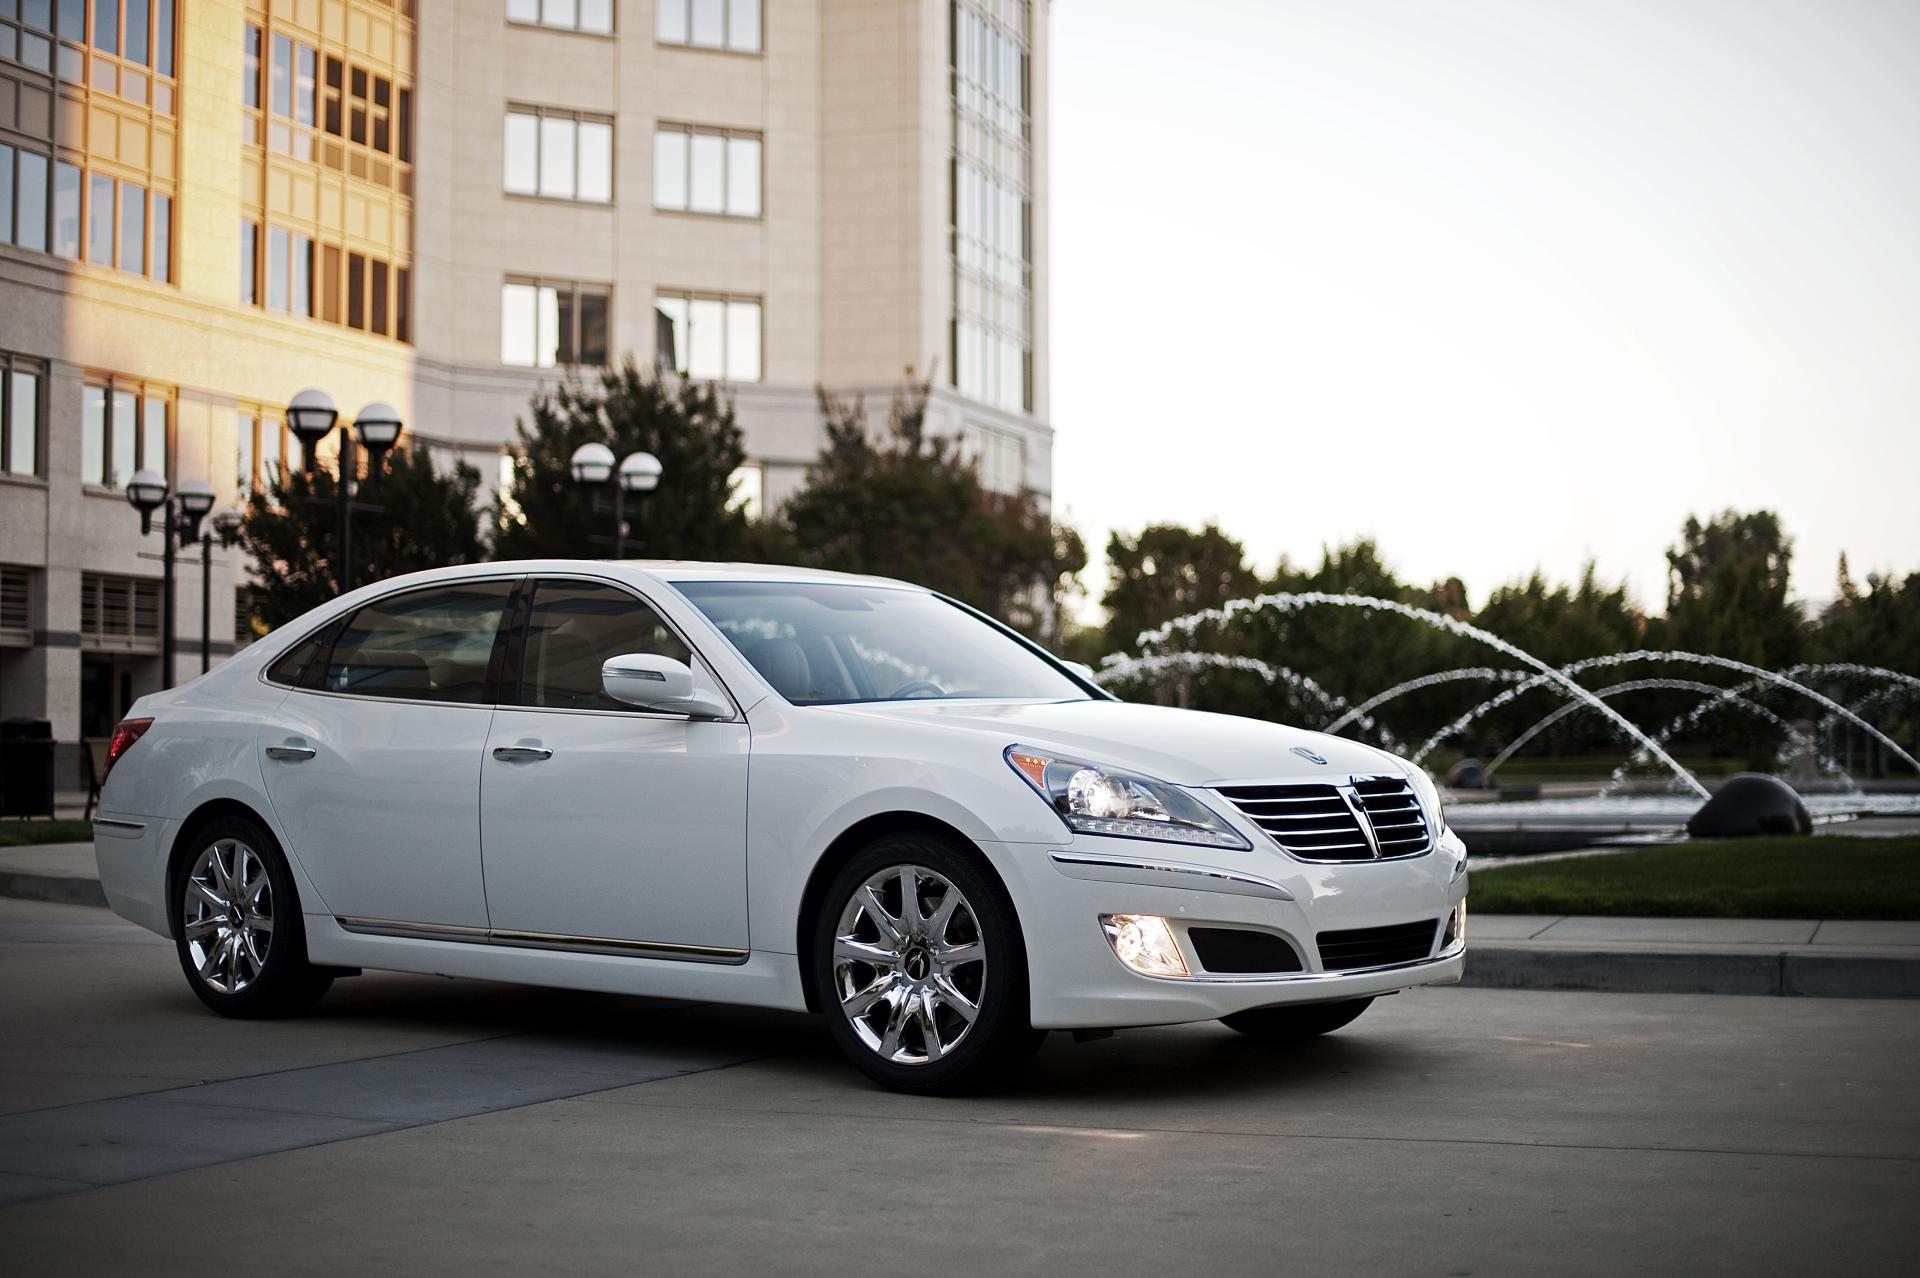 Hyundai Equus 2013 Interior